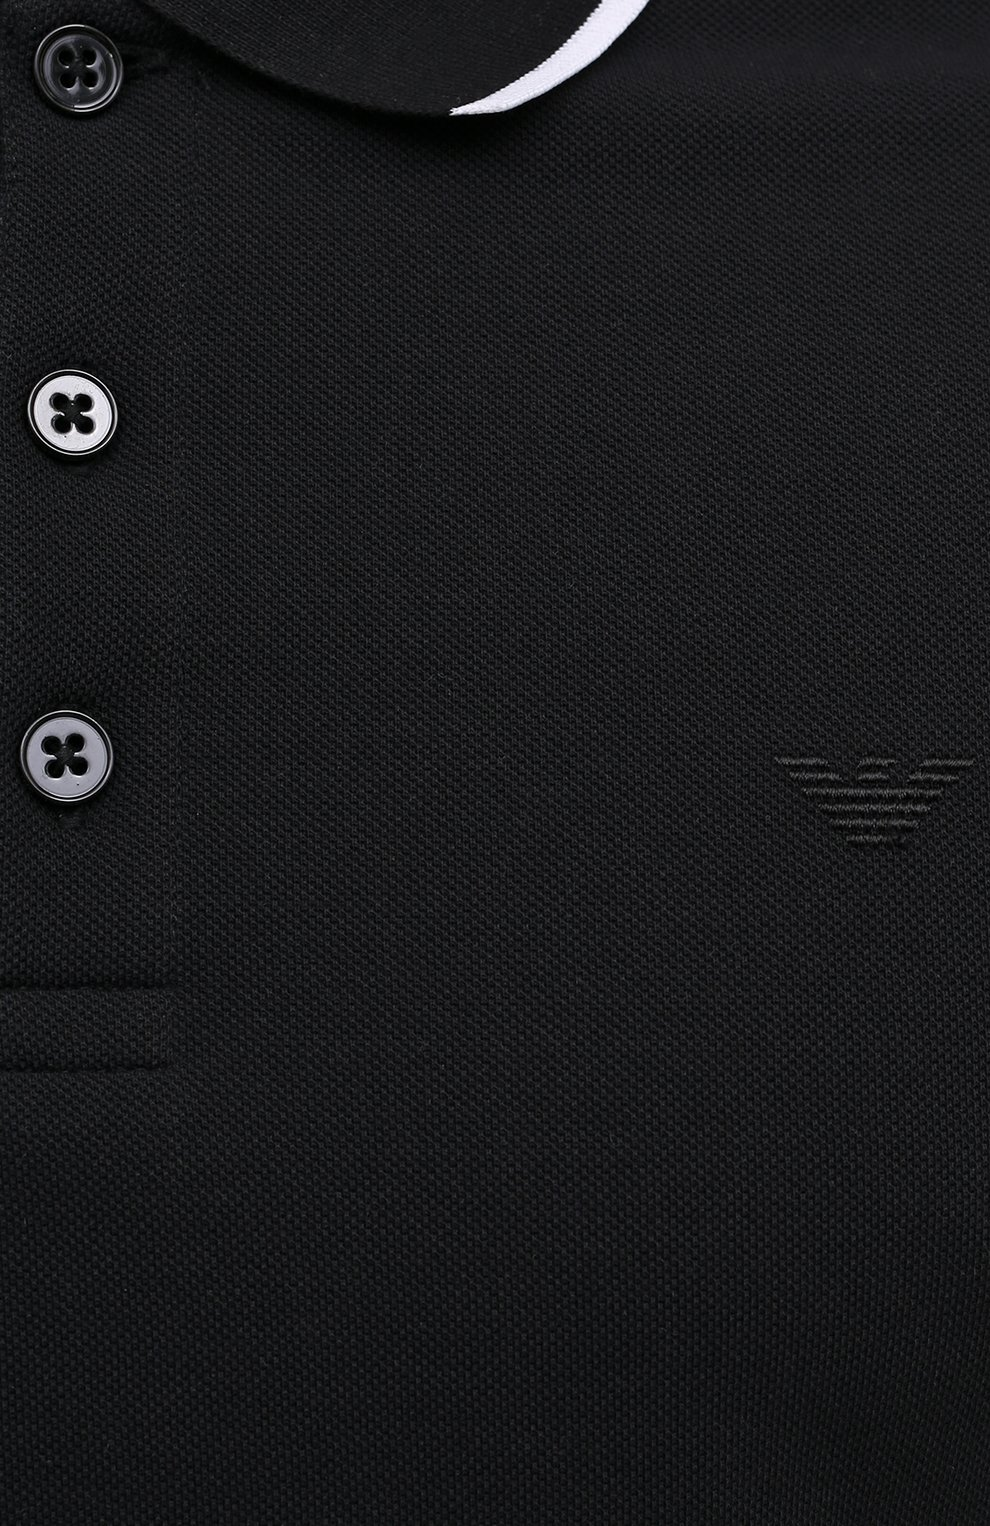 Мужское хлопковое поло EMPORIO ARMANI черного цвета, арт. 3K1F8P/1JM2Z | Фото 5 (Застежка: Пуговицы; Рукава: Короткие; Длина (для топов): Стандартные; Материал внешний: Хлопок; Стили: Кэжуэл)